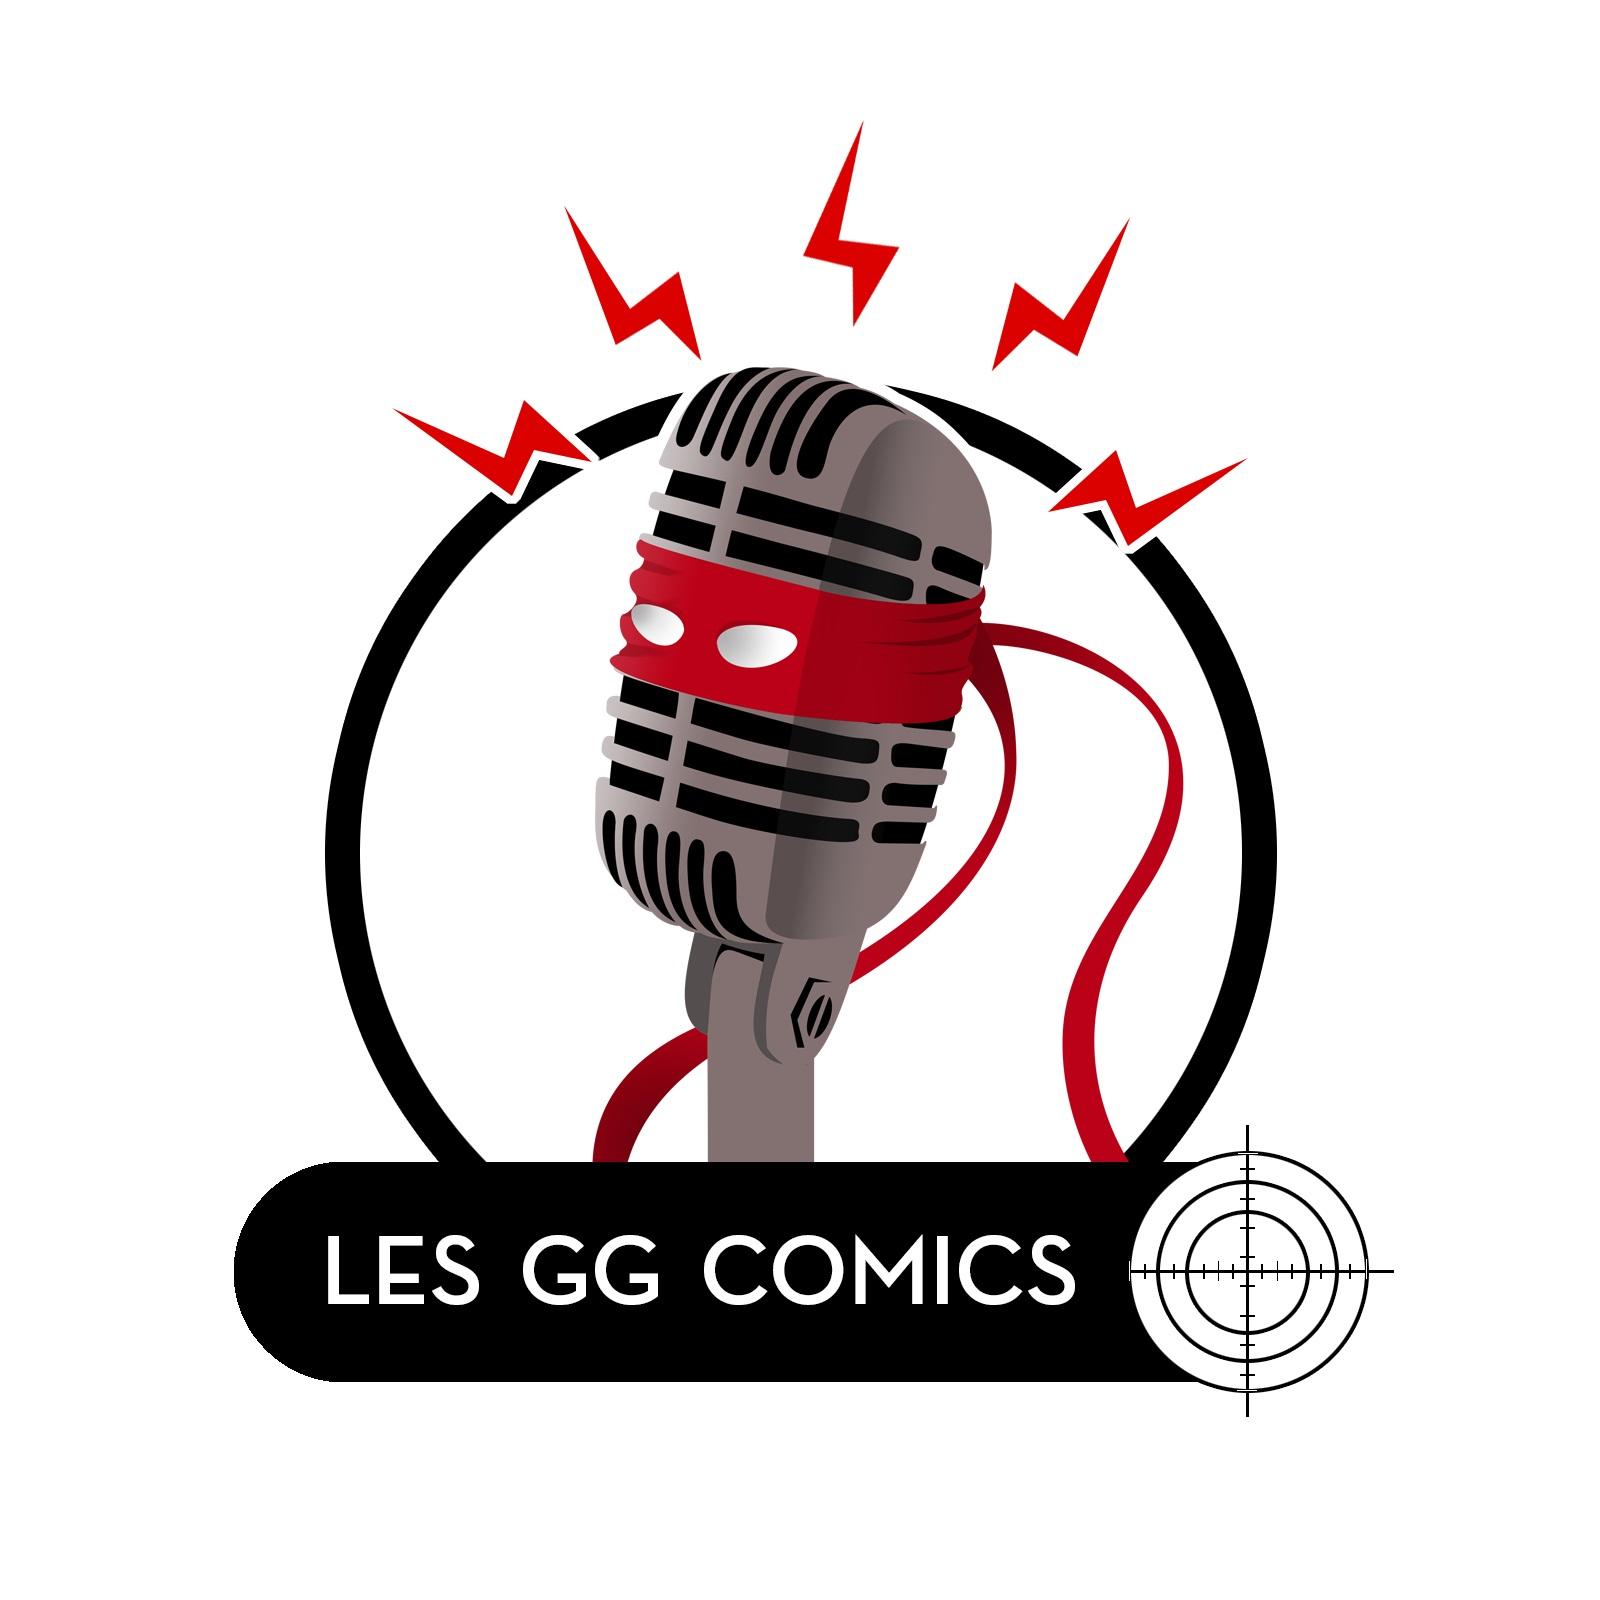 Les GG comics #054 : L'identité secrète est-elle toujours nécessaire ?